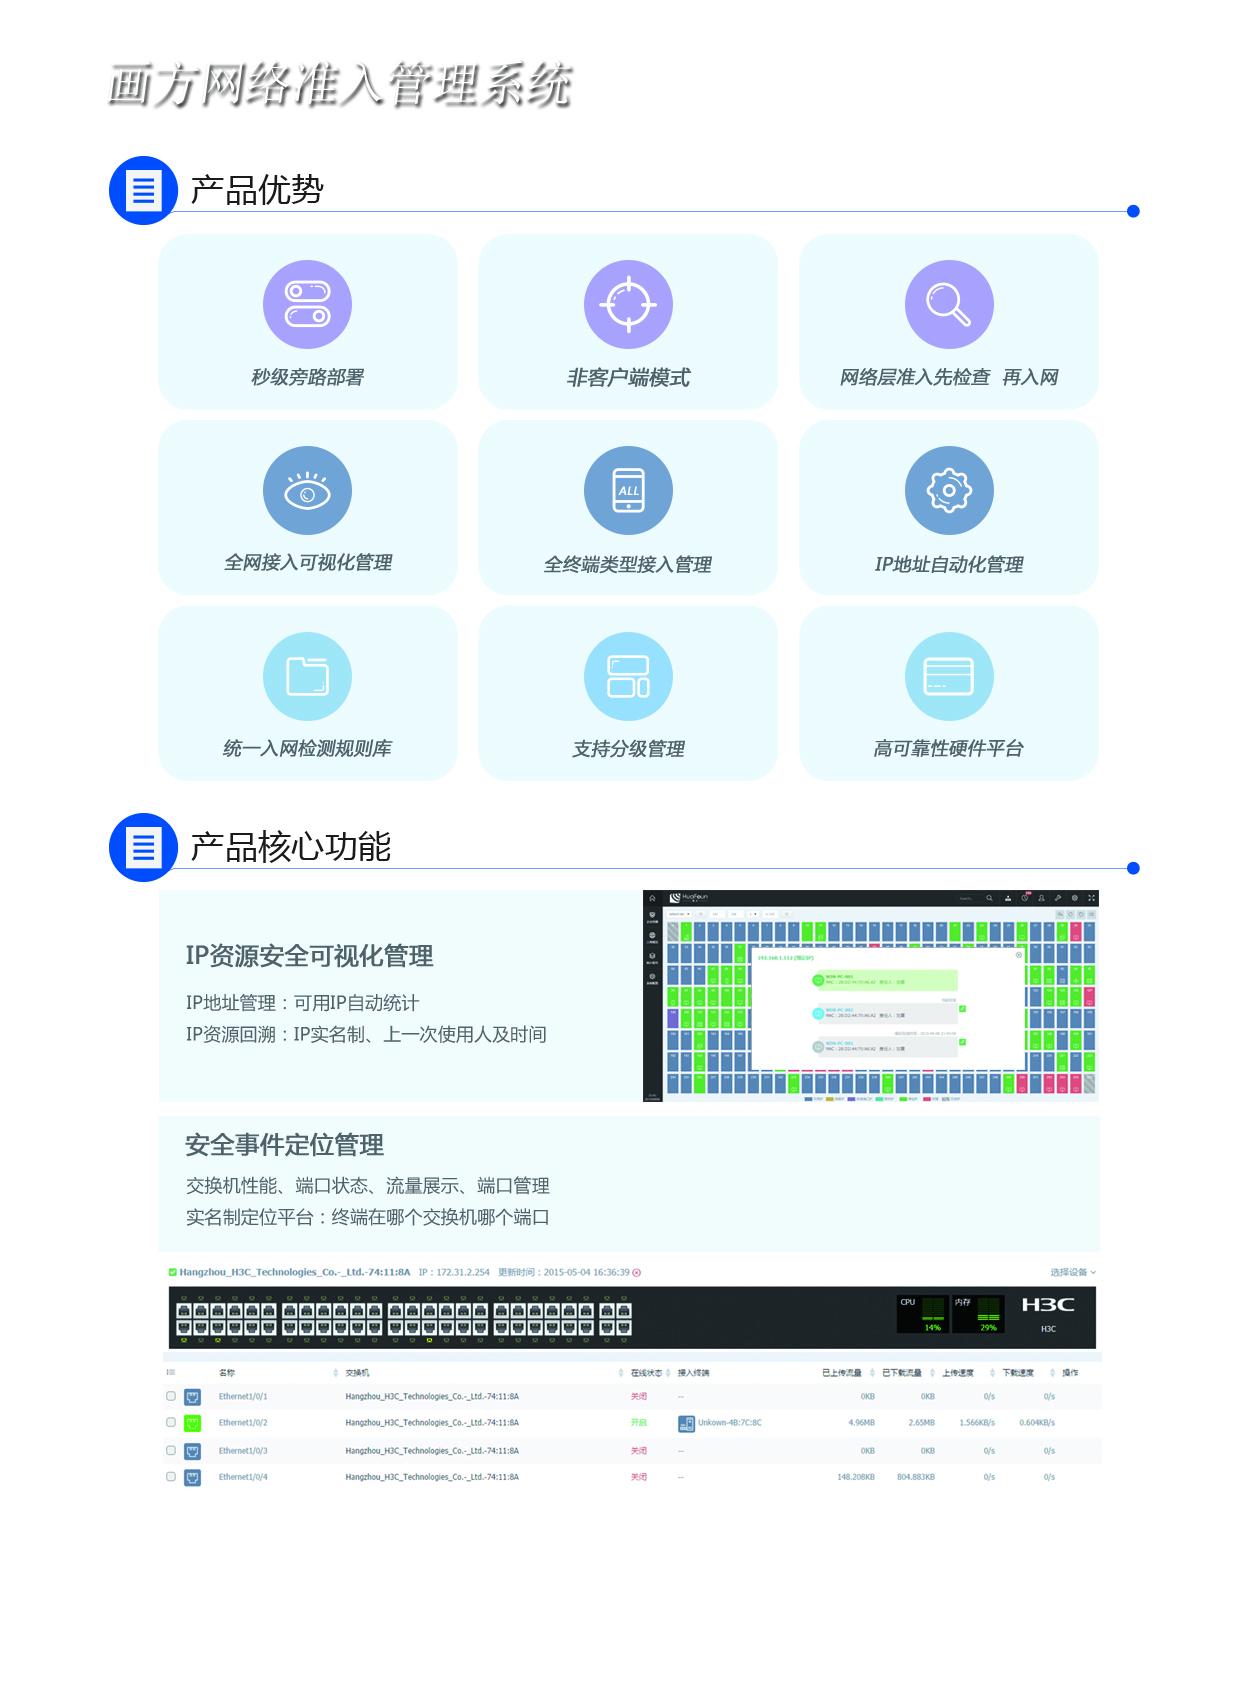 画方网络安全准入系统彩页二(2).jpg